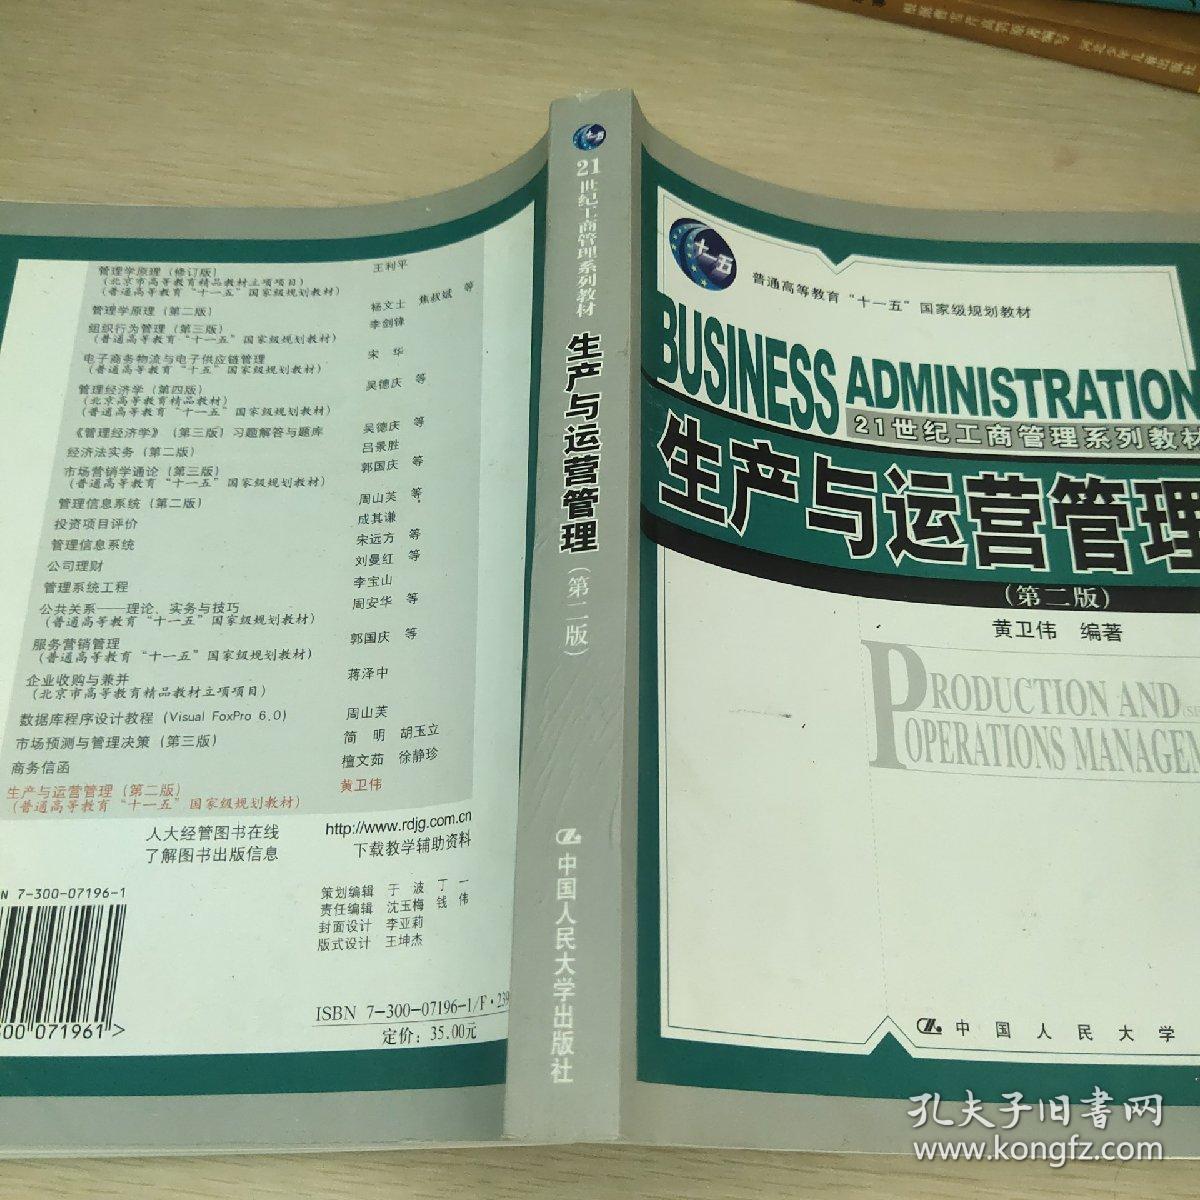 生产与运营管理(第2版)/21世纪工商管理系列教材